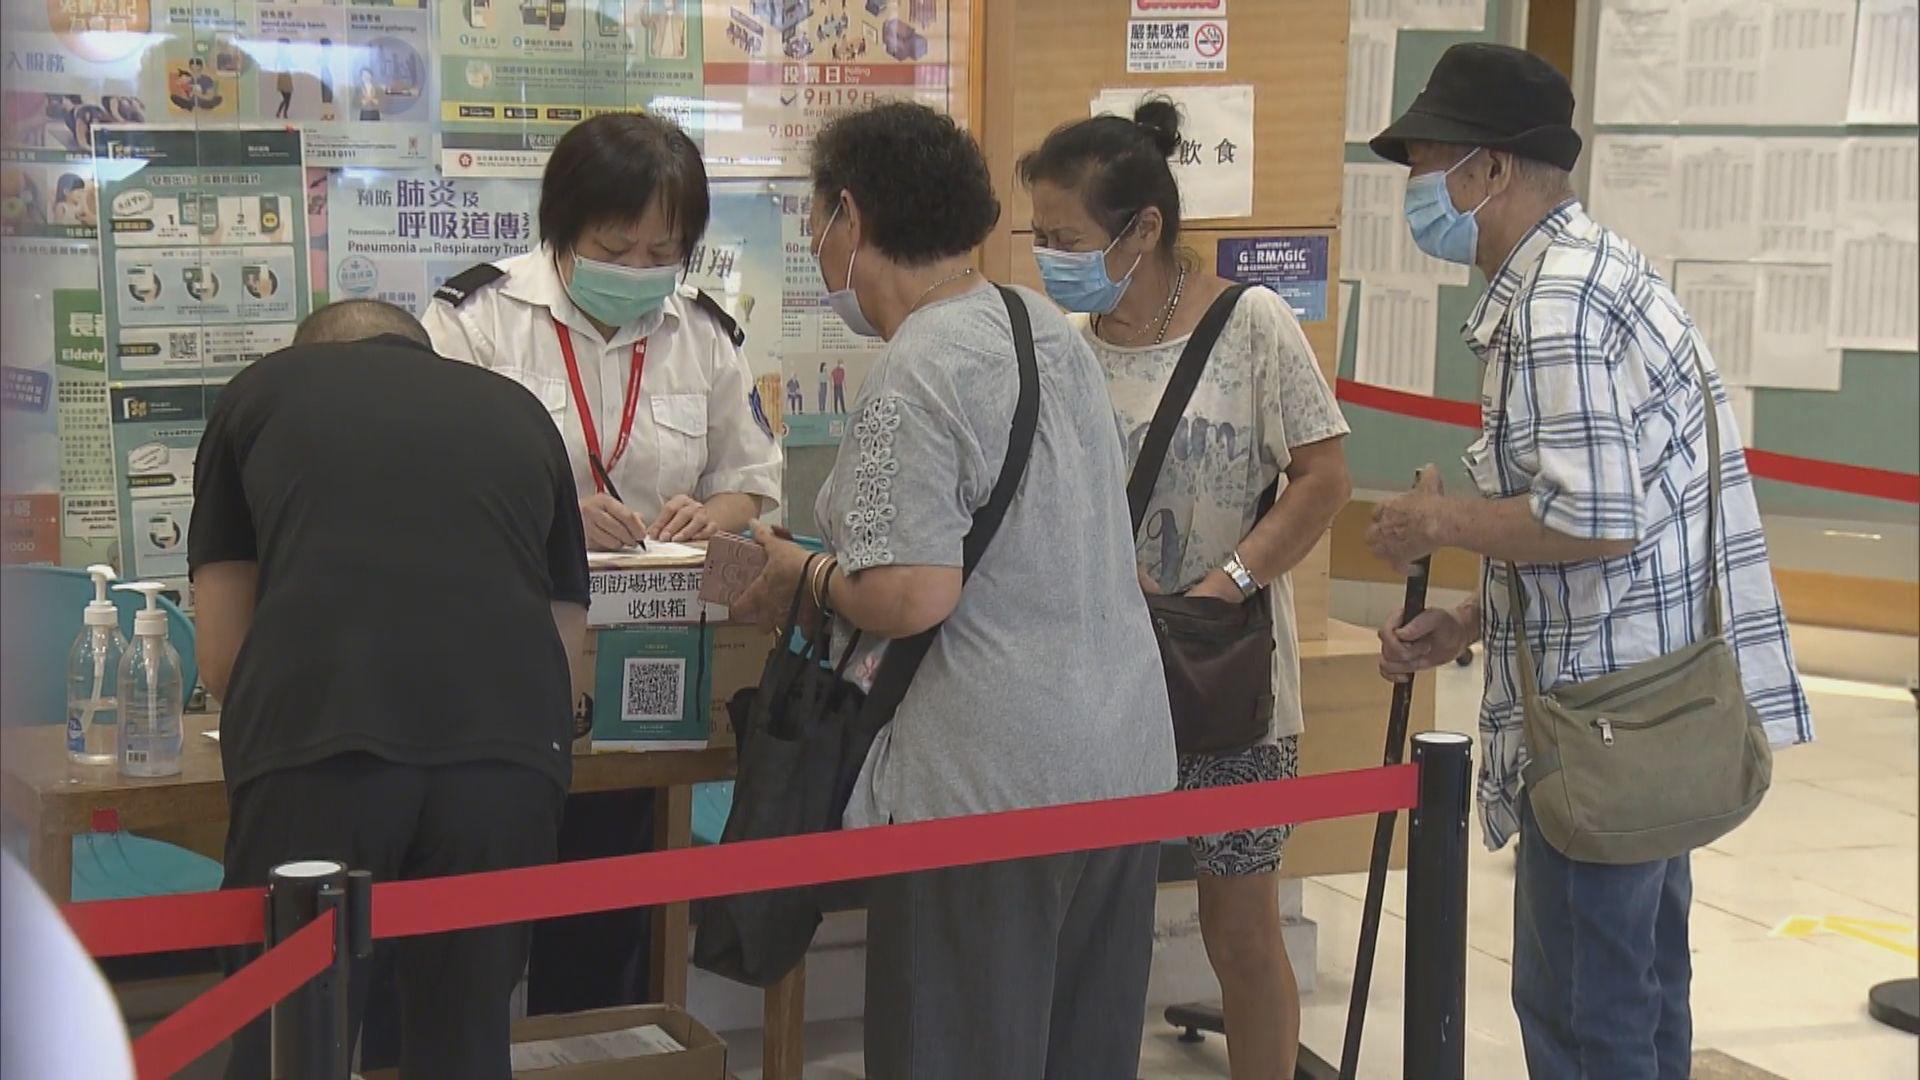 屯門、瑪麗及伊利沙伯醫院下周設新冠疫苗接種站